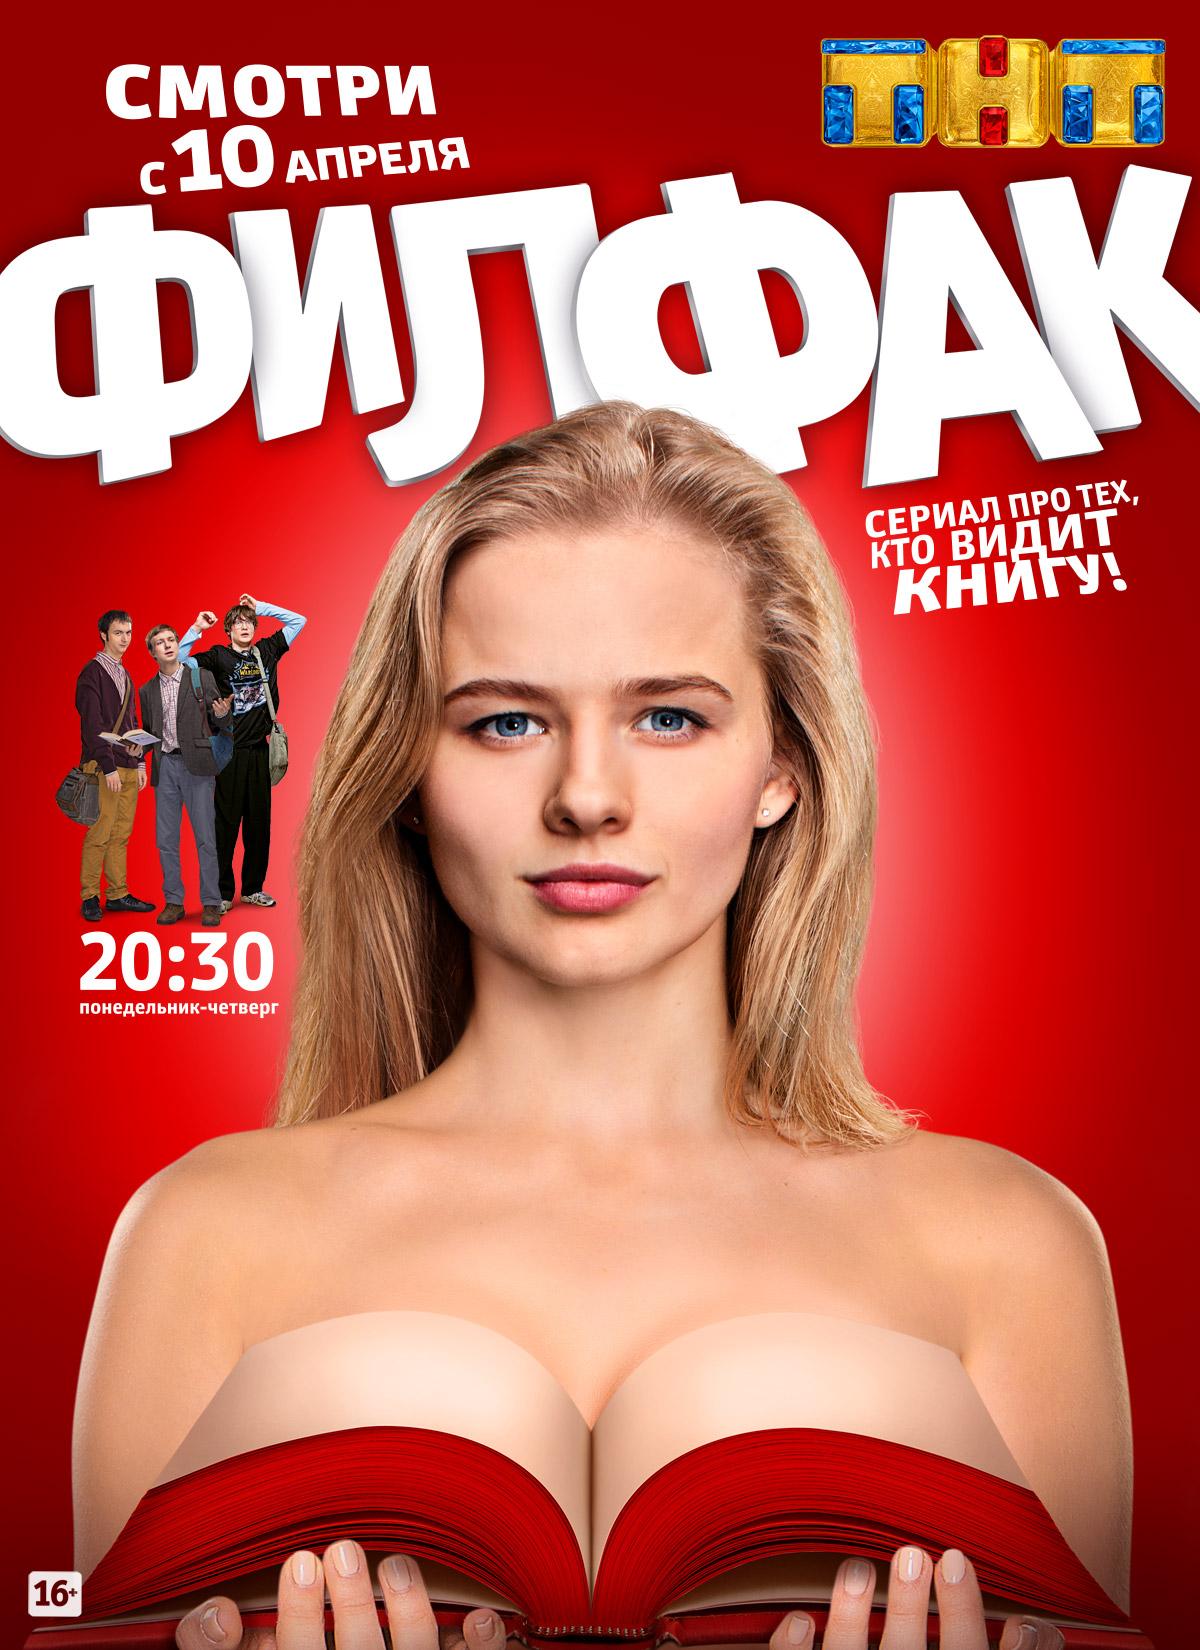 Сериал Кураторы (2018) смотреть онлайн / Телеканал НЛО TV